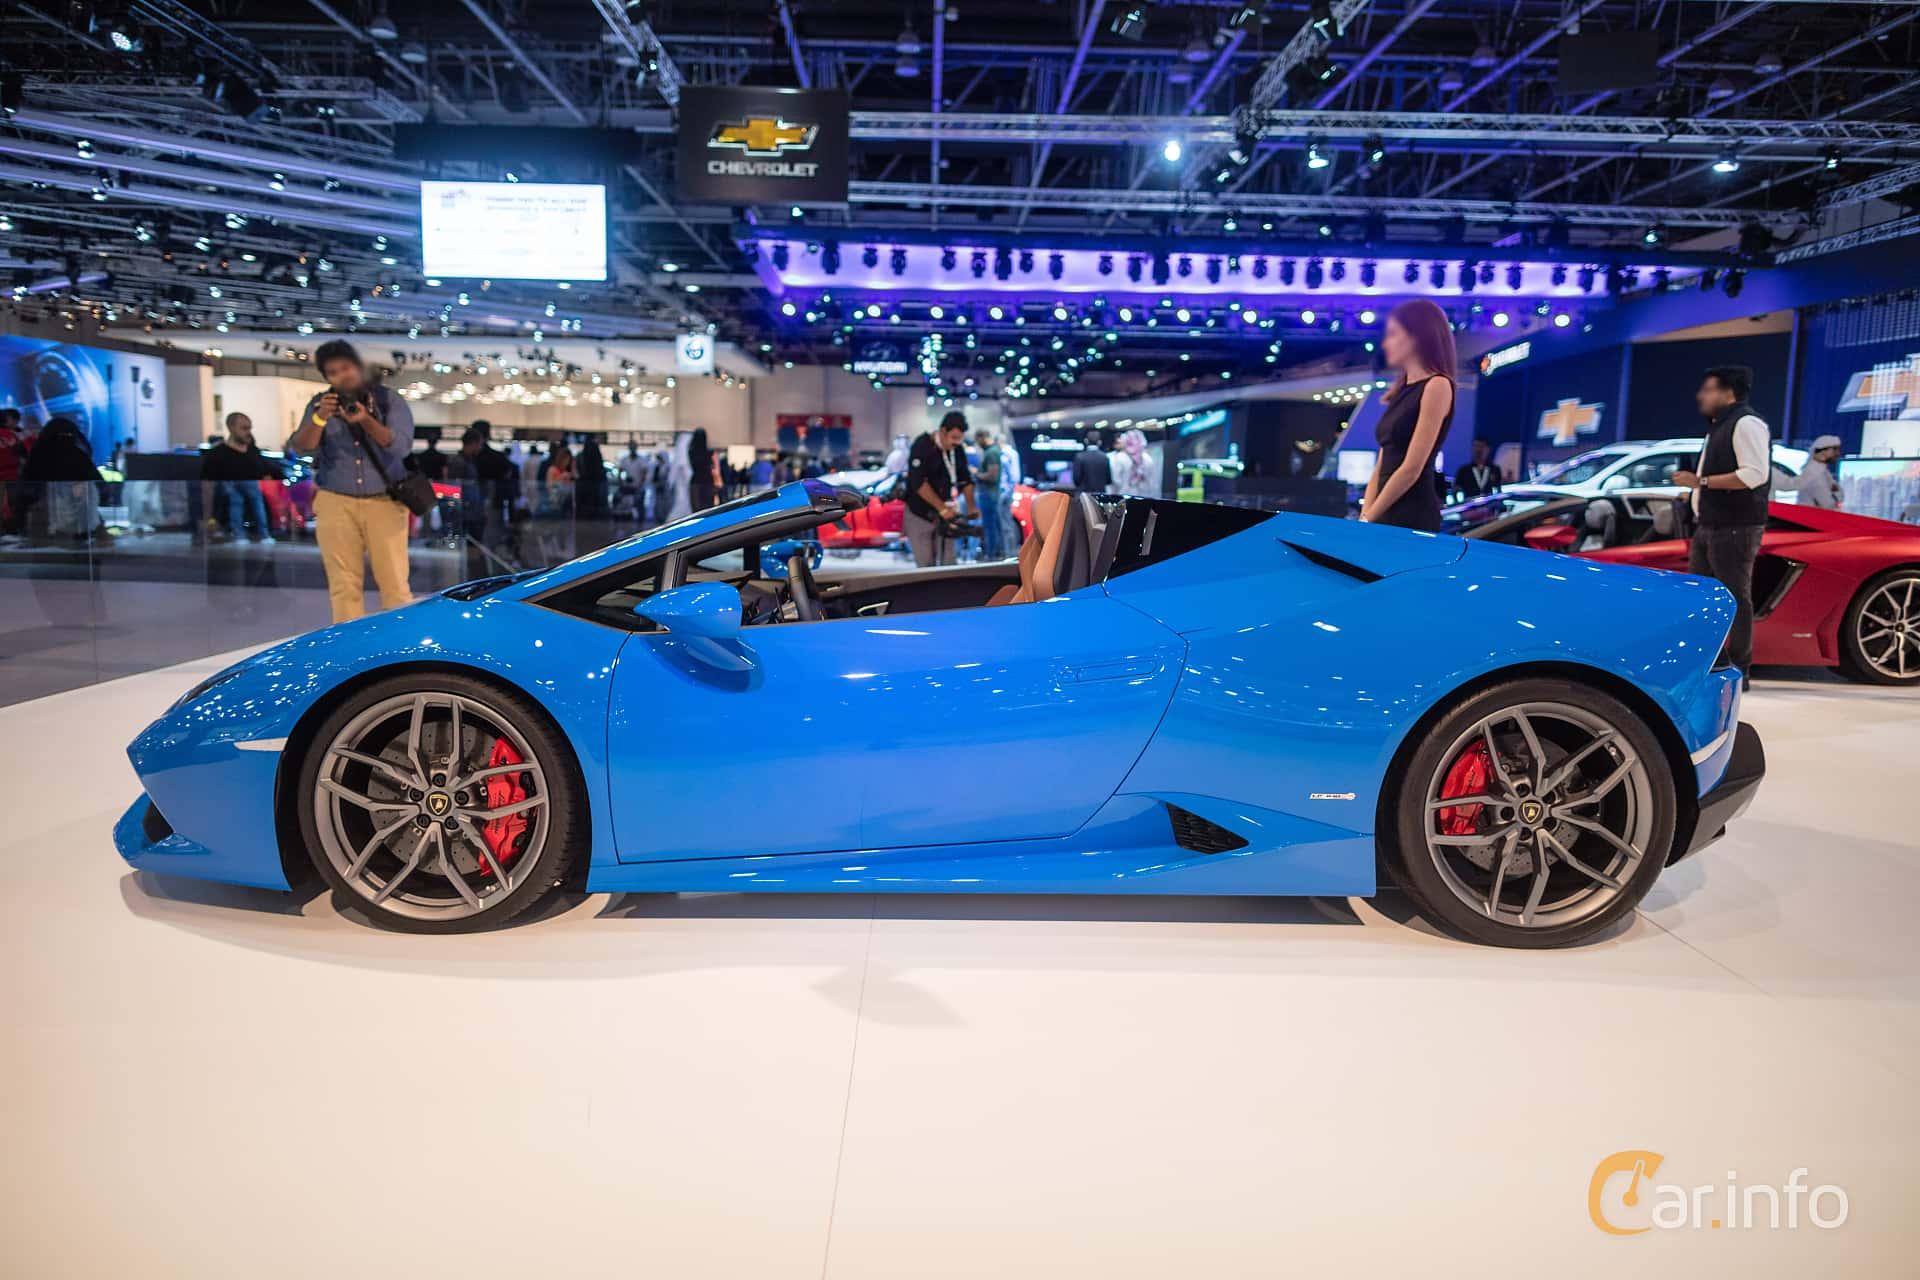 Dubai Motor Show - Car show dubai